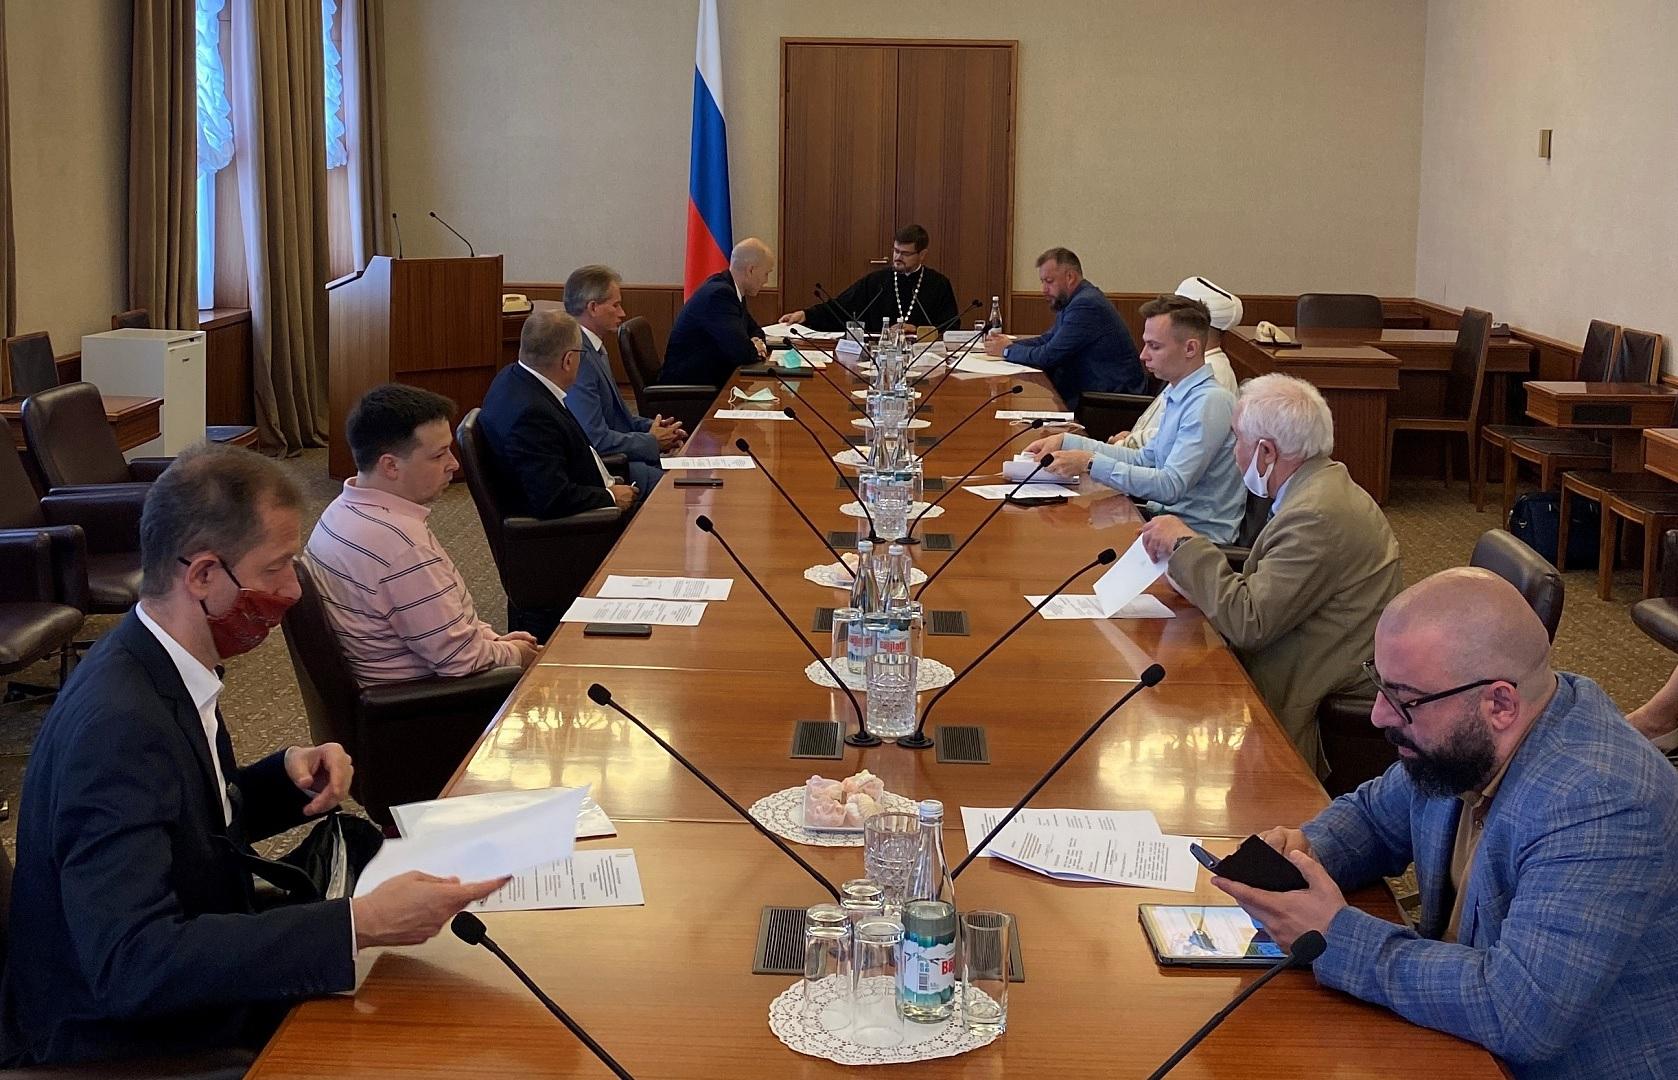 11-е заседание Межрелигиозной группы Совета при Президенте РФ